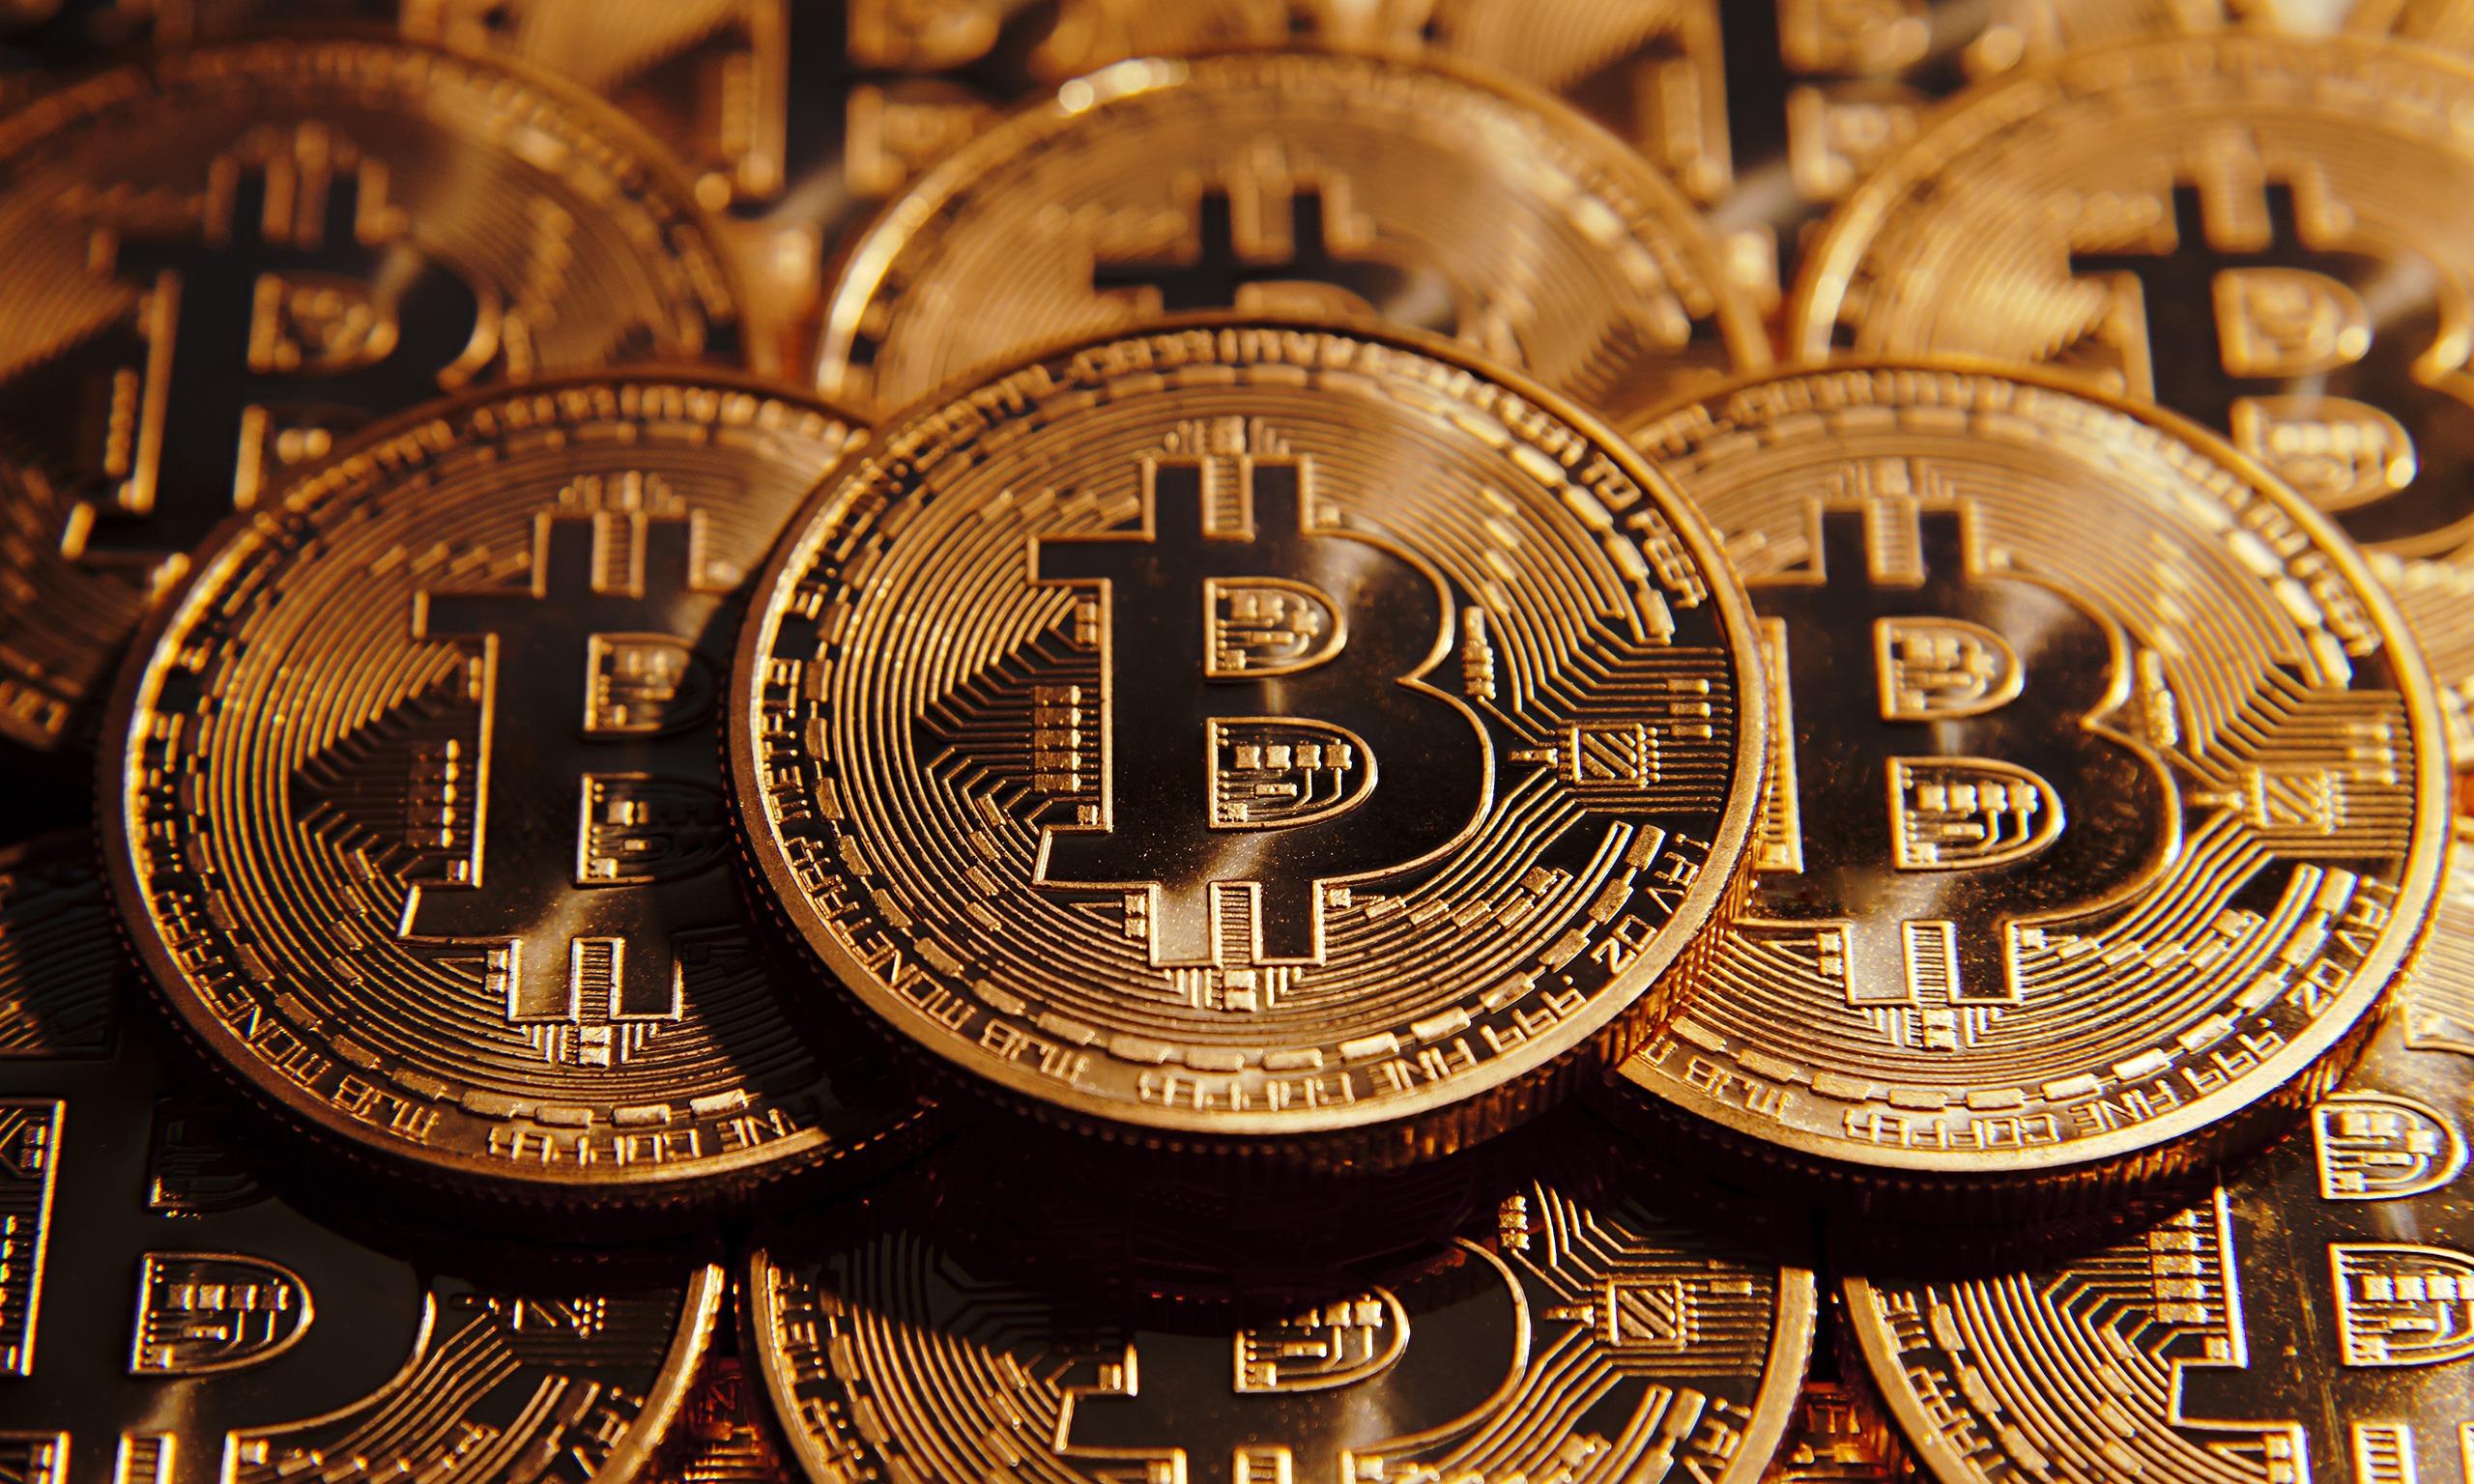 cei mai buni mineri bitcoin 2020)